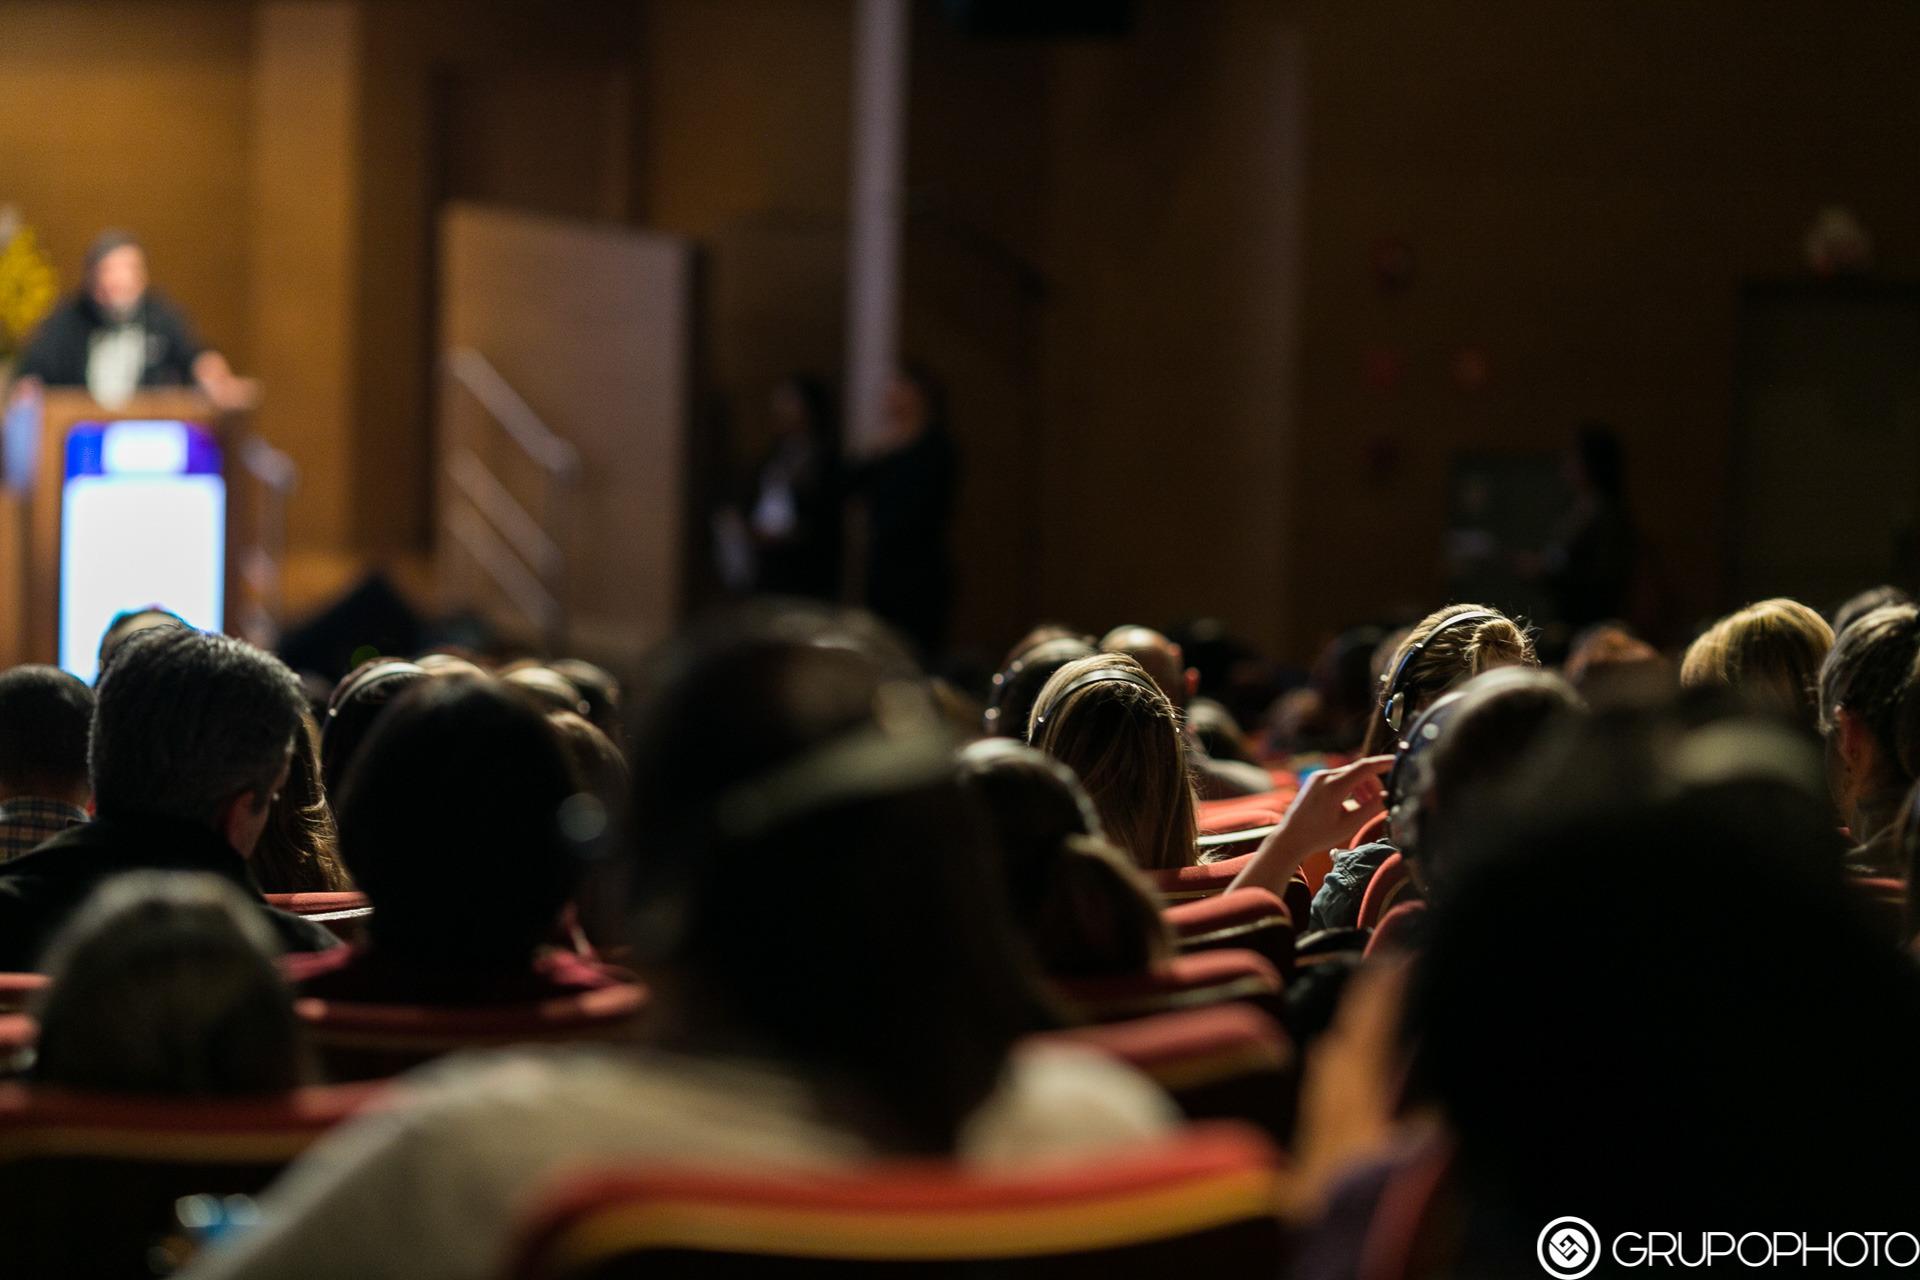 fotógrafo de eventos profissional em são paulo, fotografia de evento corporativo